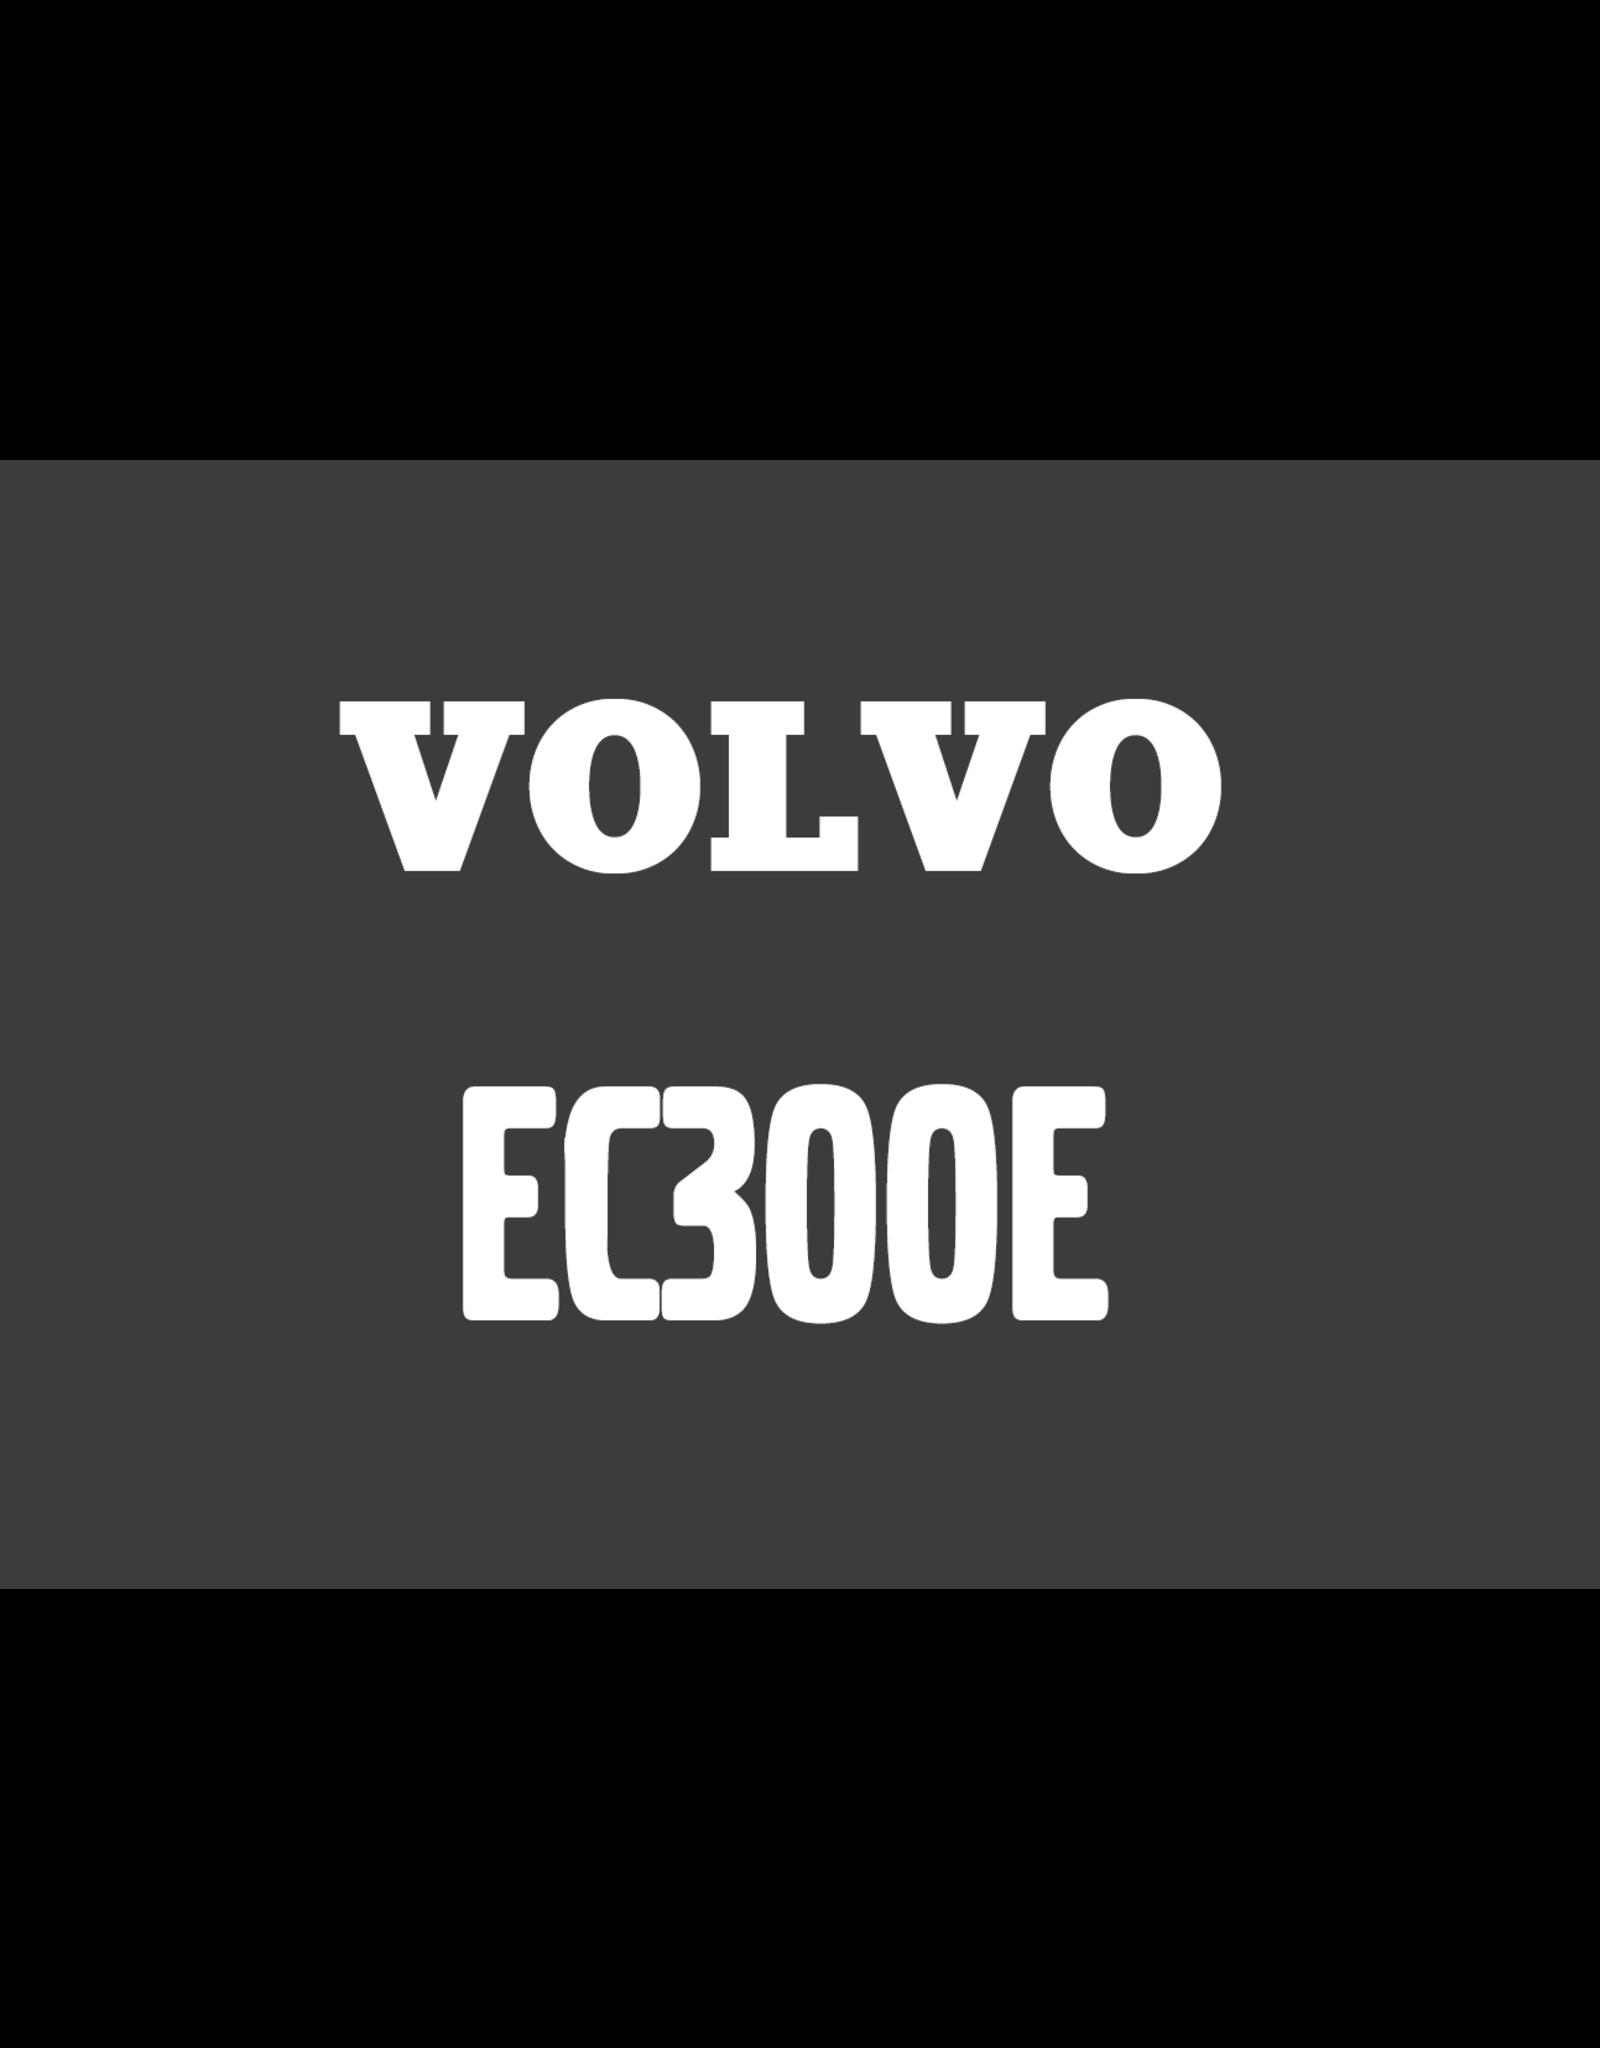 Echle Hartstahl GmbH FOPS pour Volvo EC300E